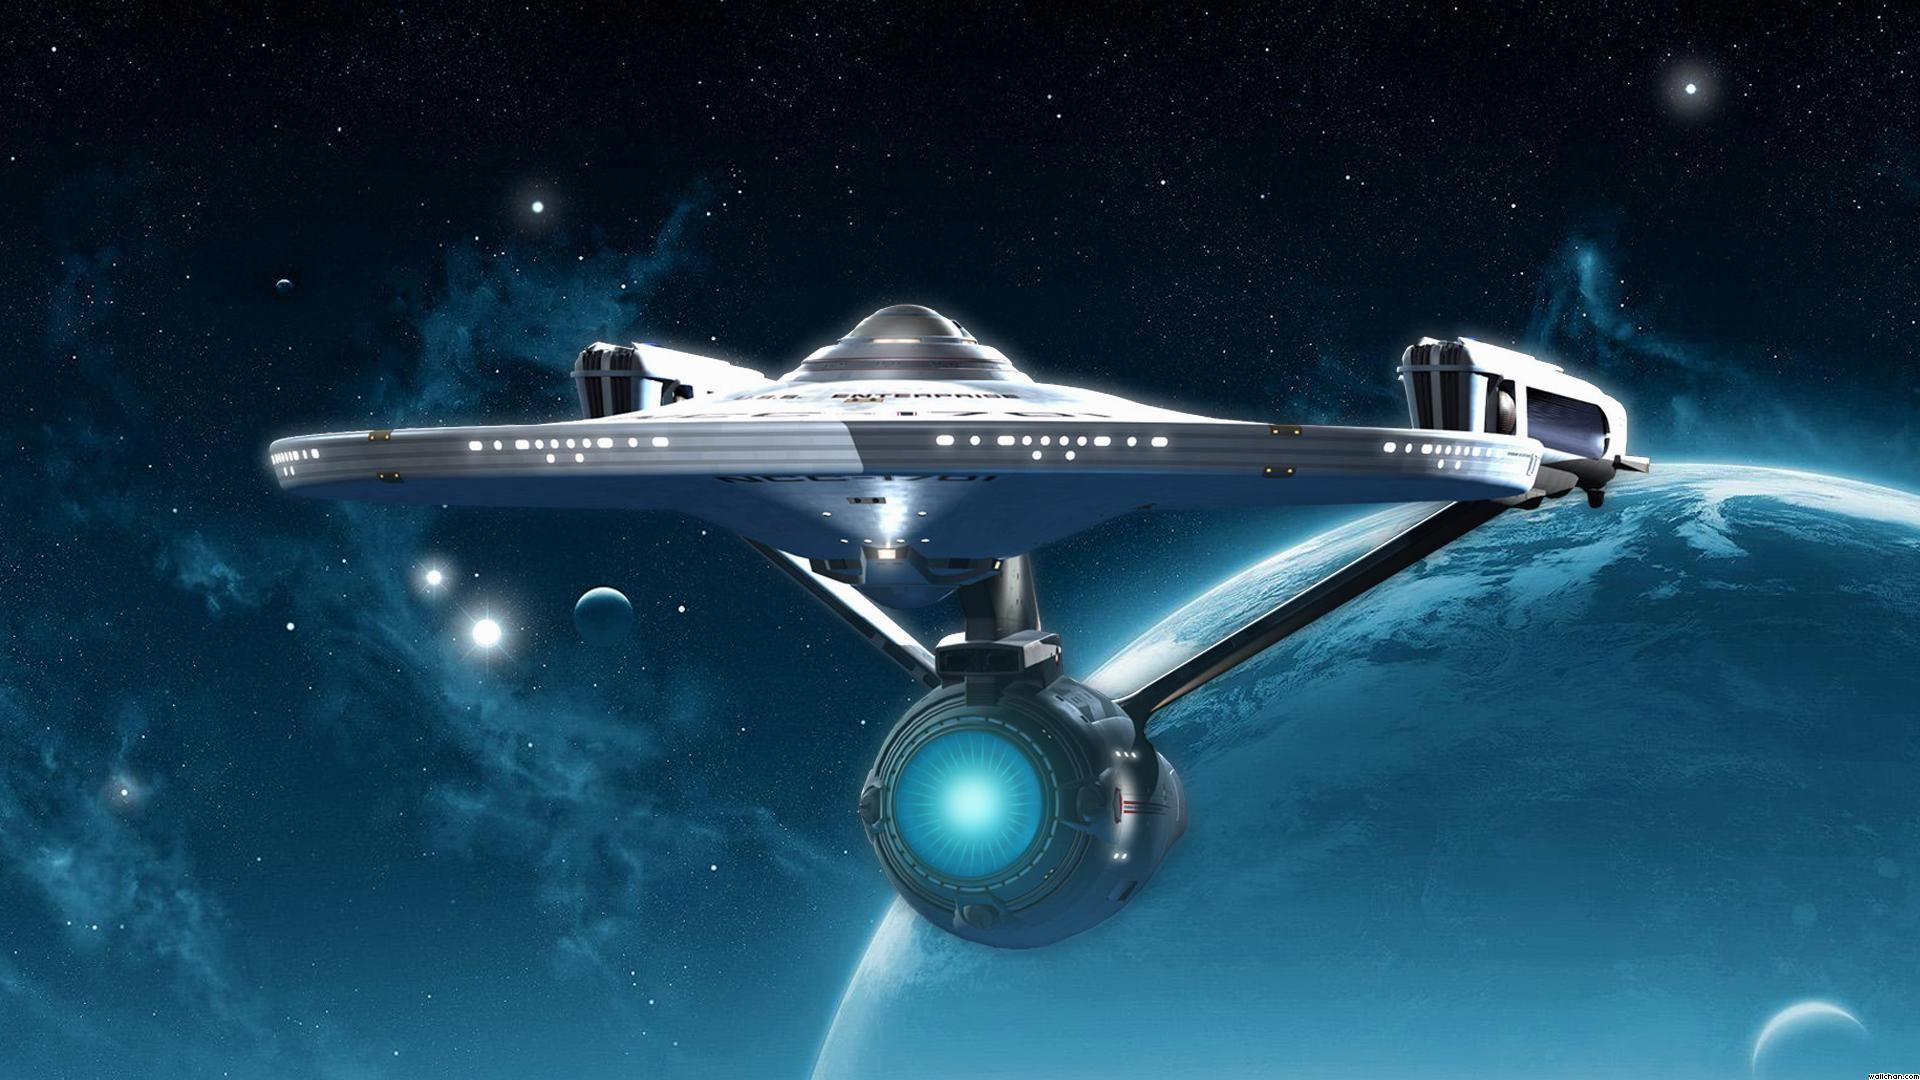 sci-fi-star-trek-spock-wallpaper-wp40011521